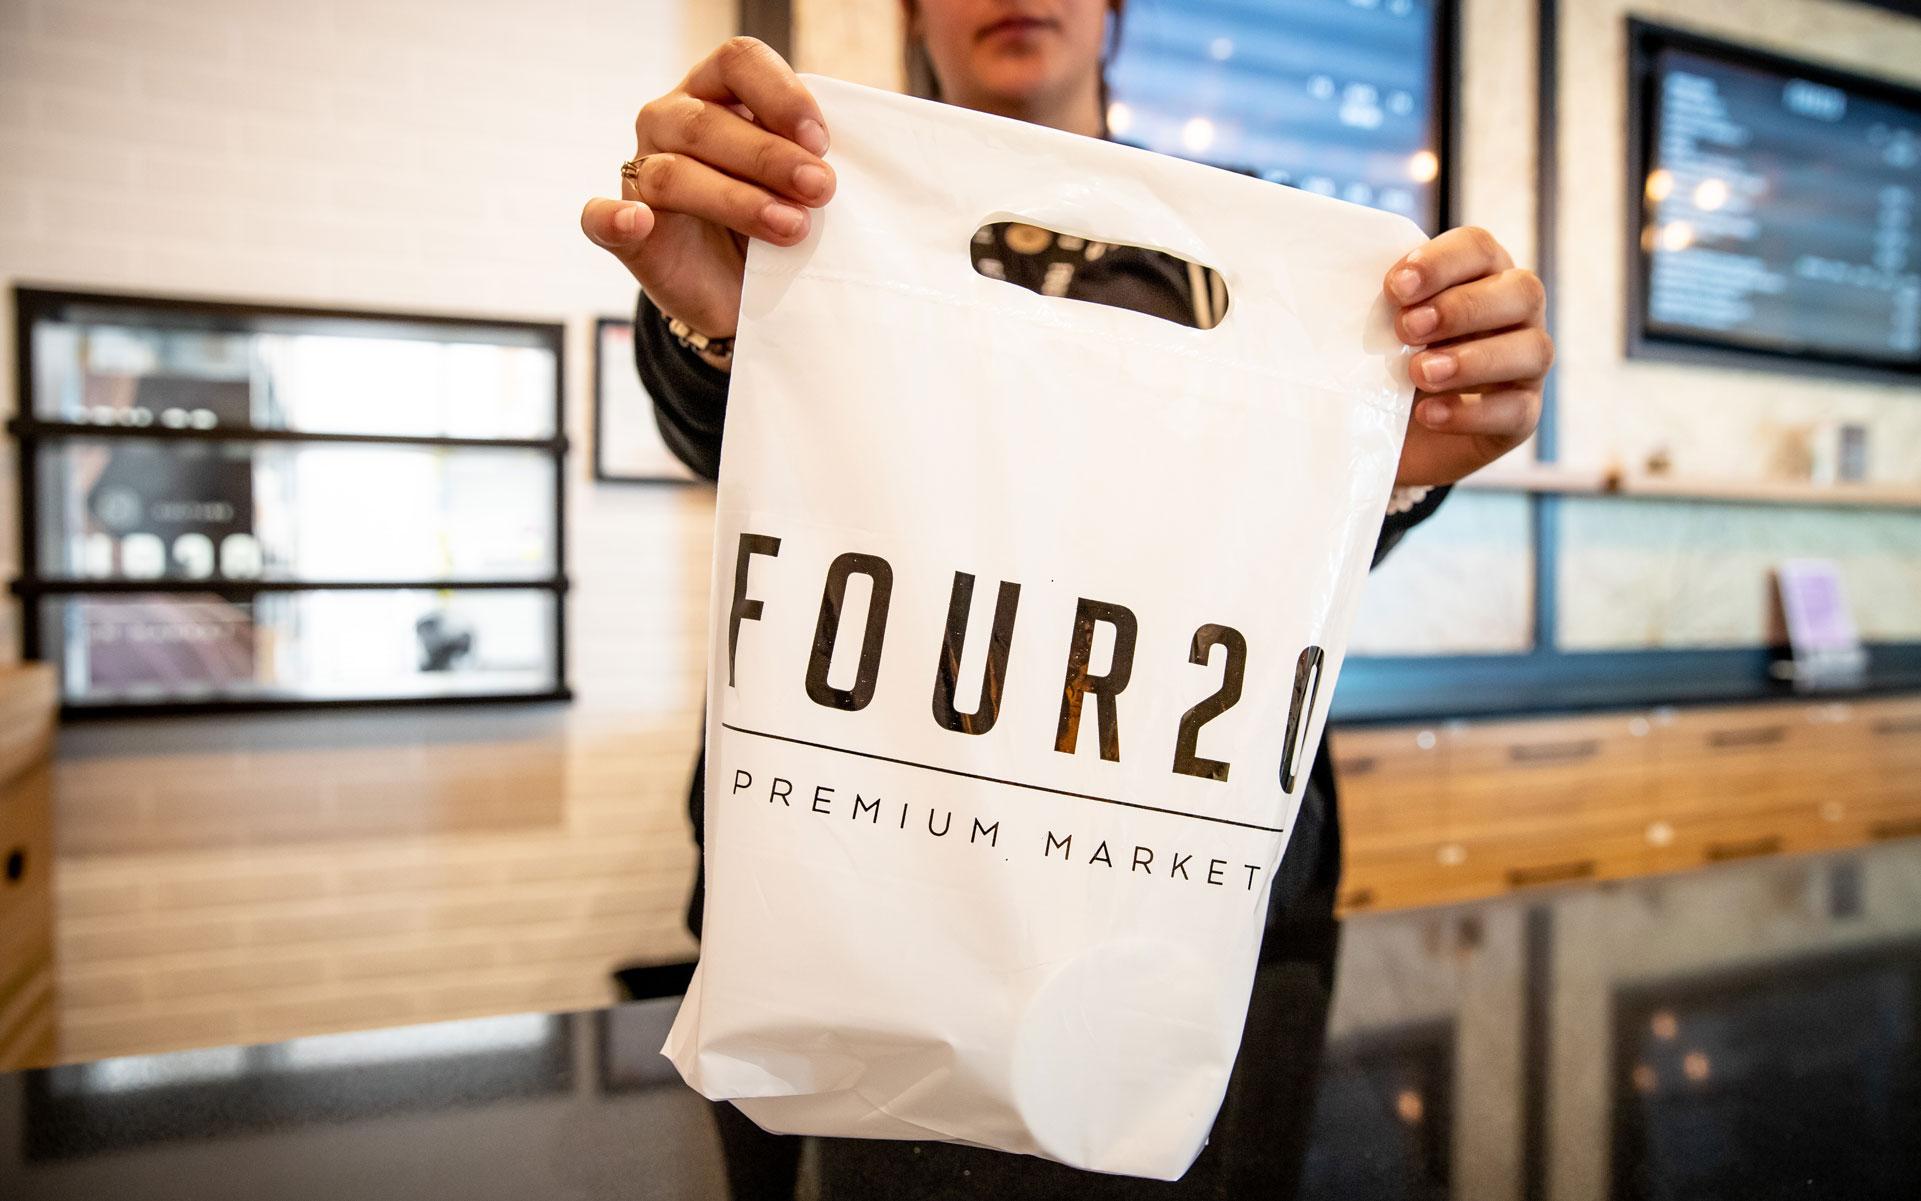 Four20 Premium Market